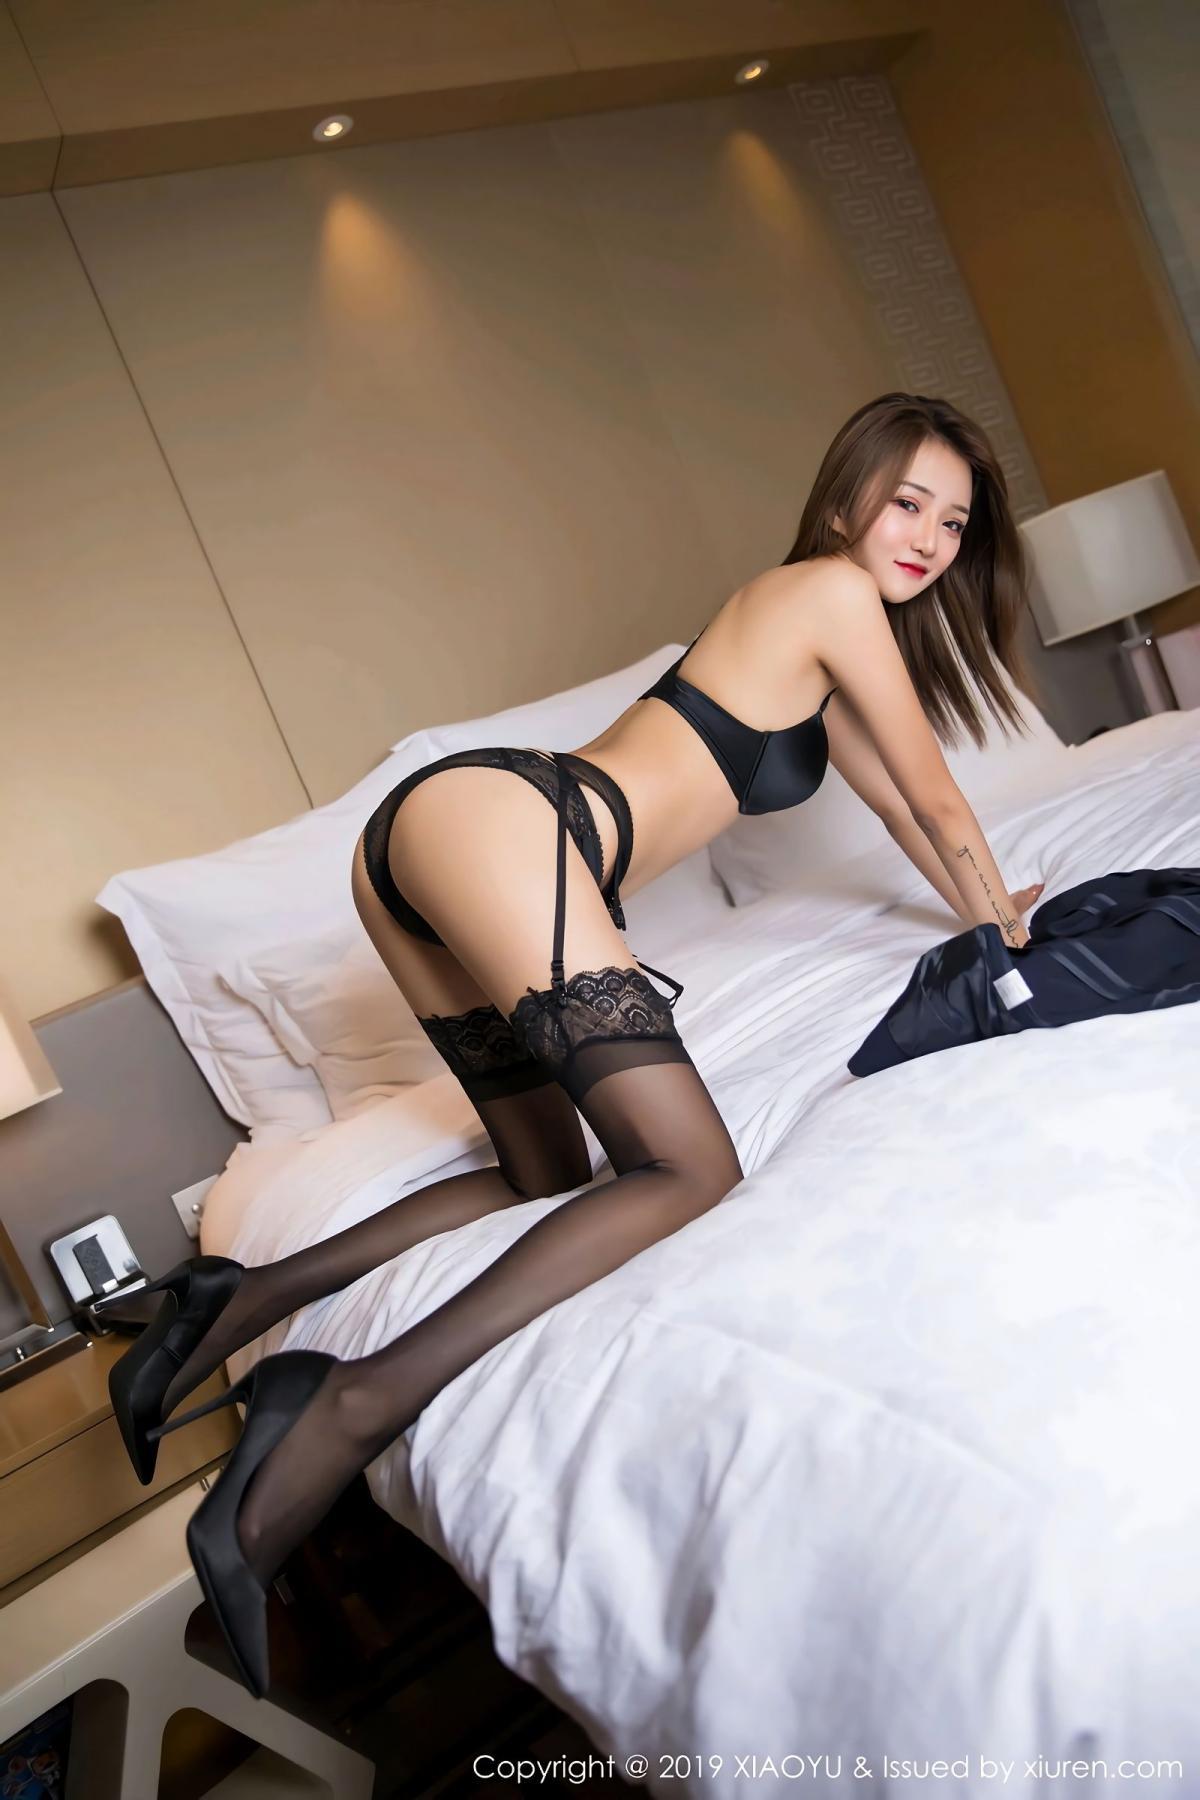 [XiaoYu] Vol.037 Miko Jiang 46P, Miko Jiang, Slim, Tall, Underwear, XiaoYu